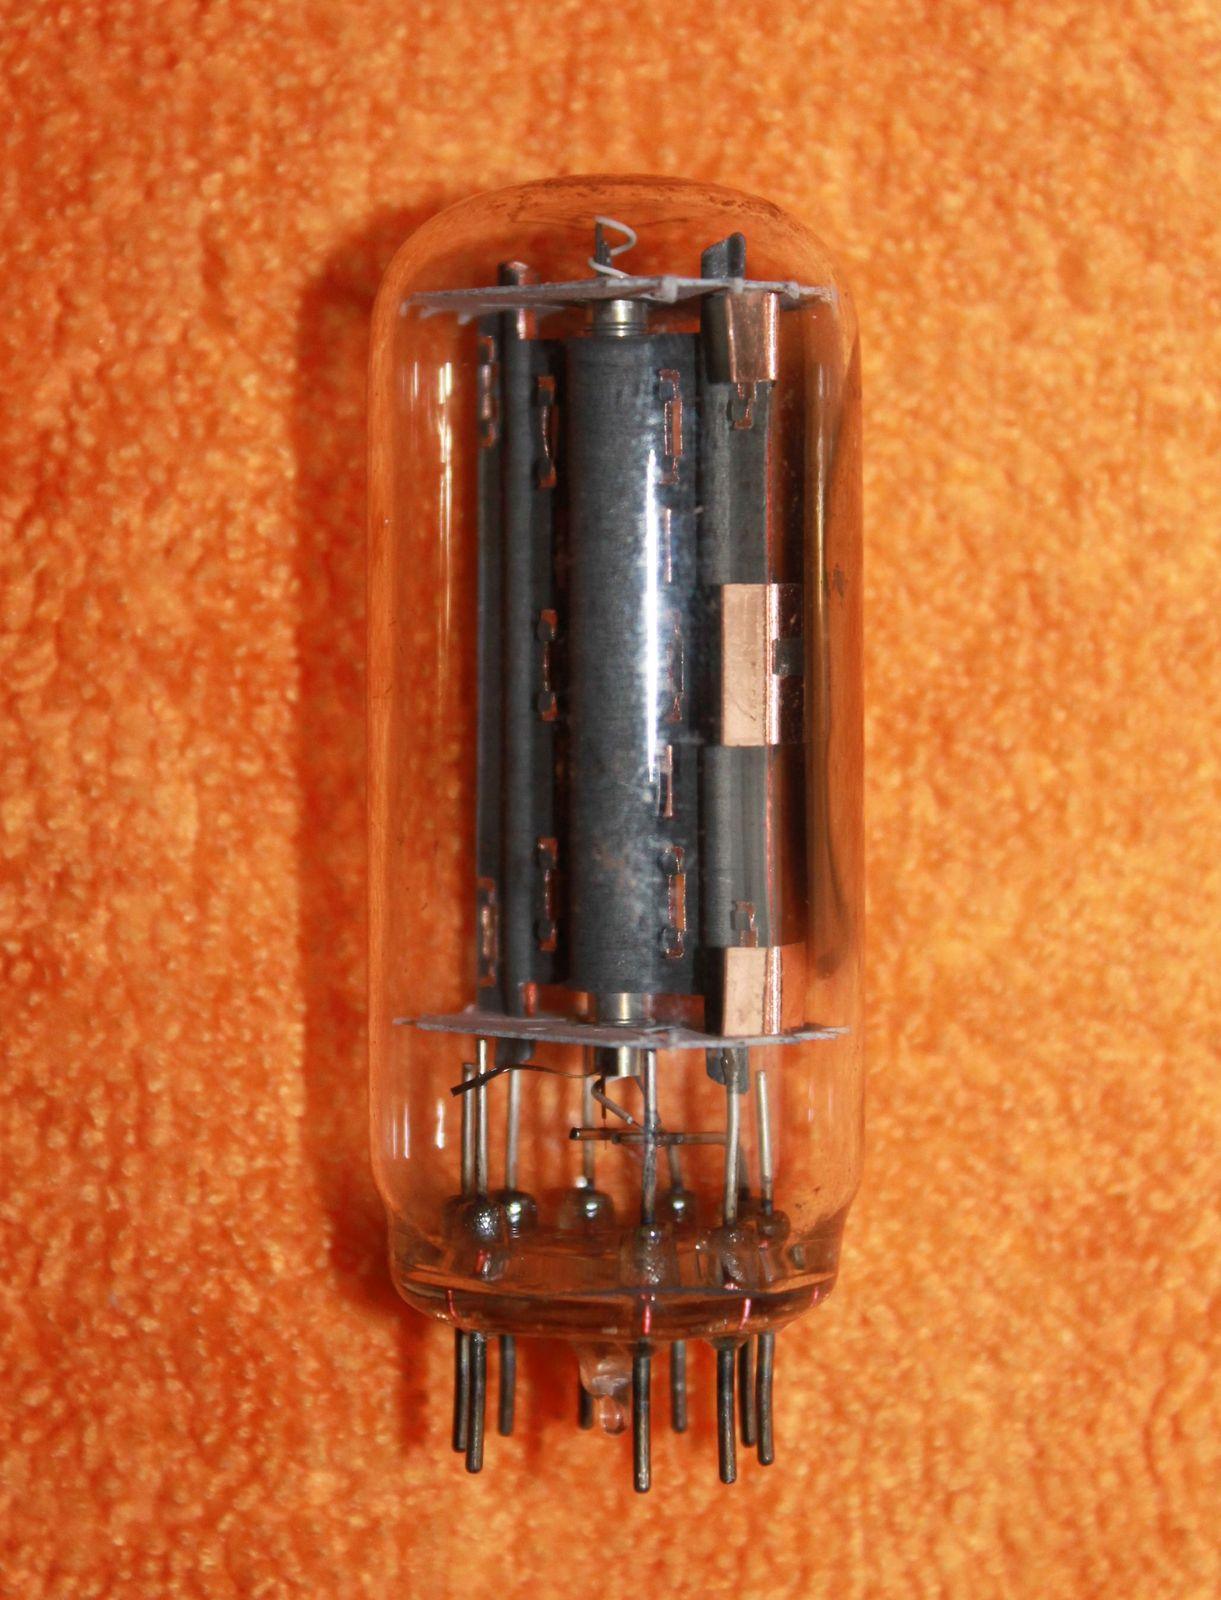 Vintage Radio Vacuum Tube (one): 17BS3A - Tested Good